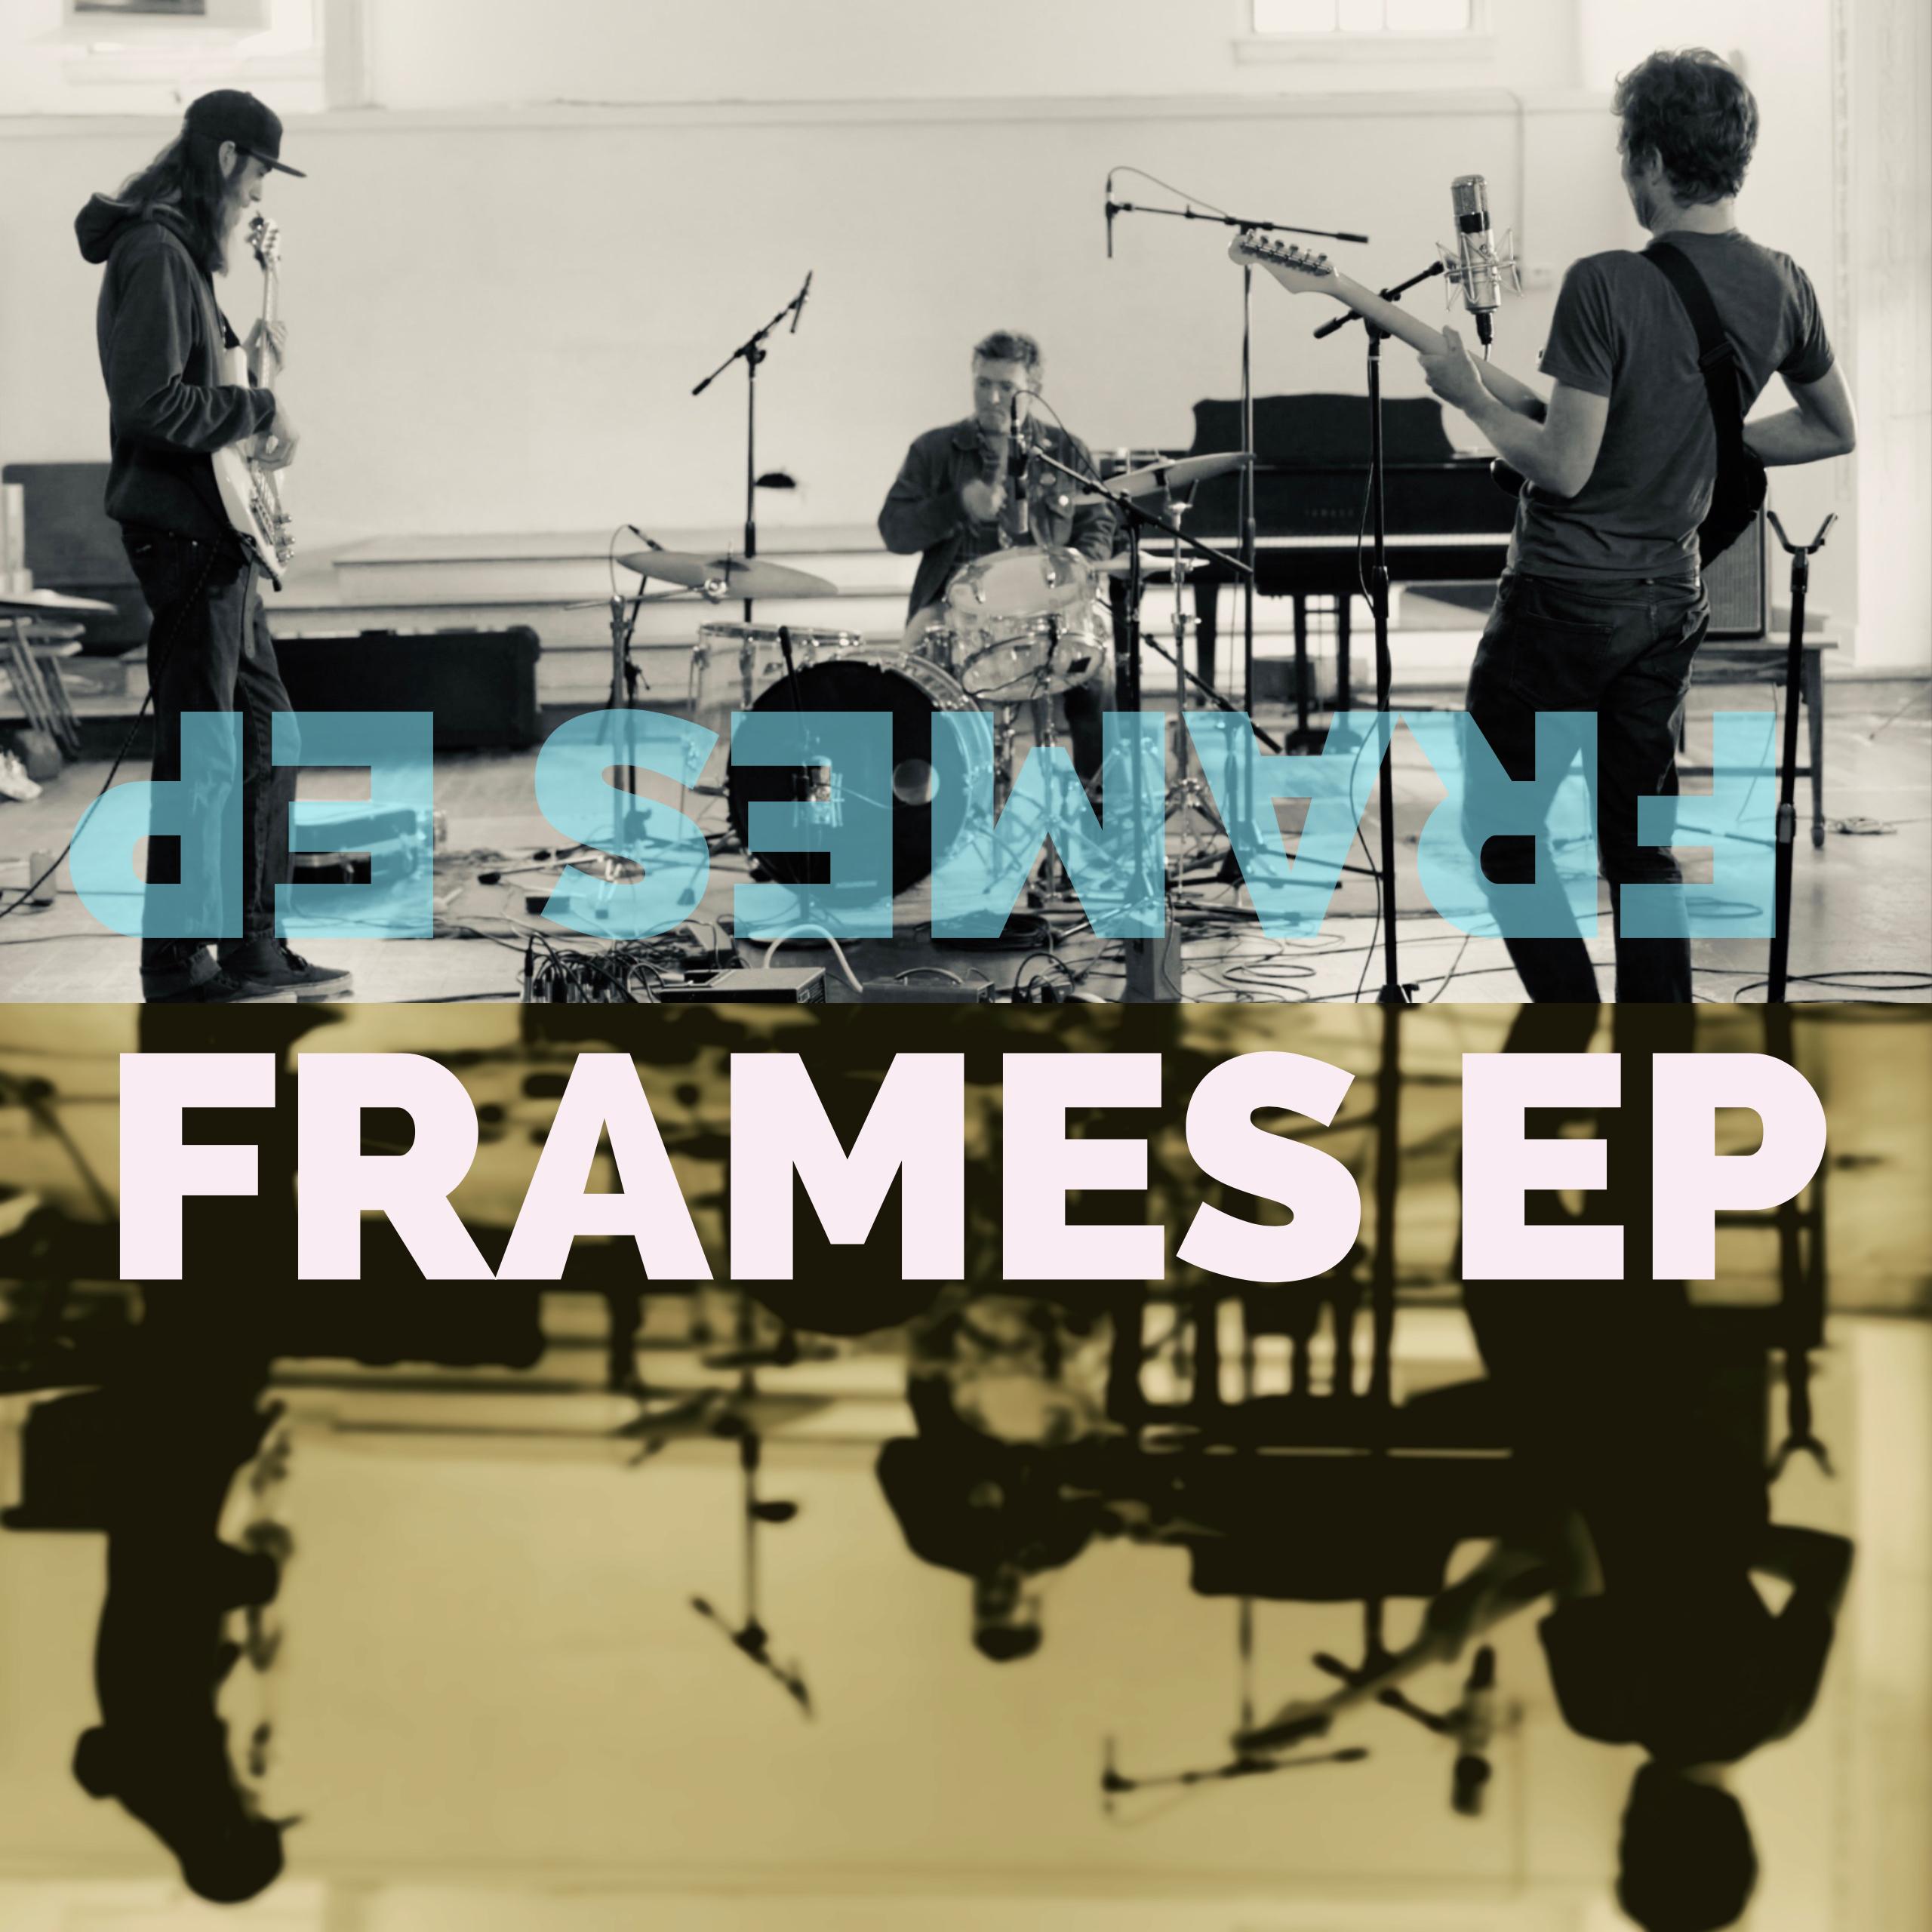 FRAMES IMAGE